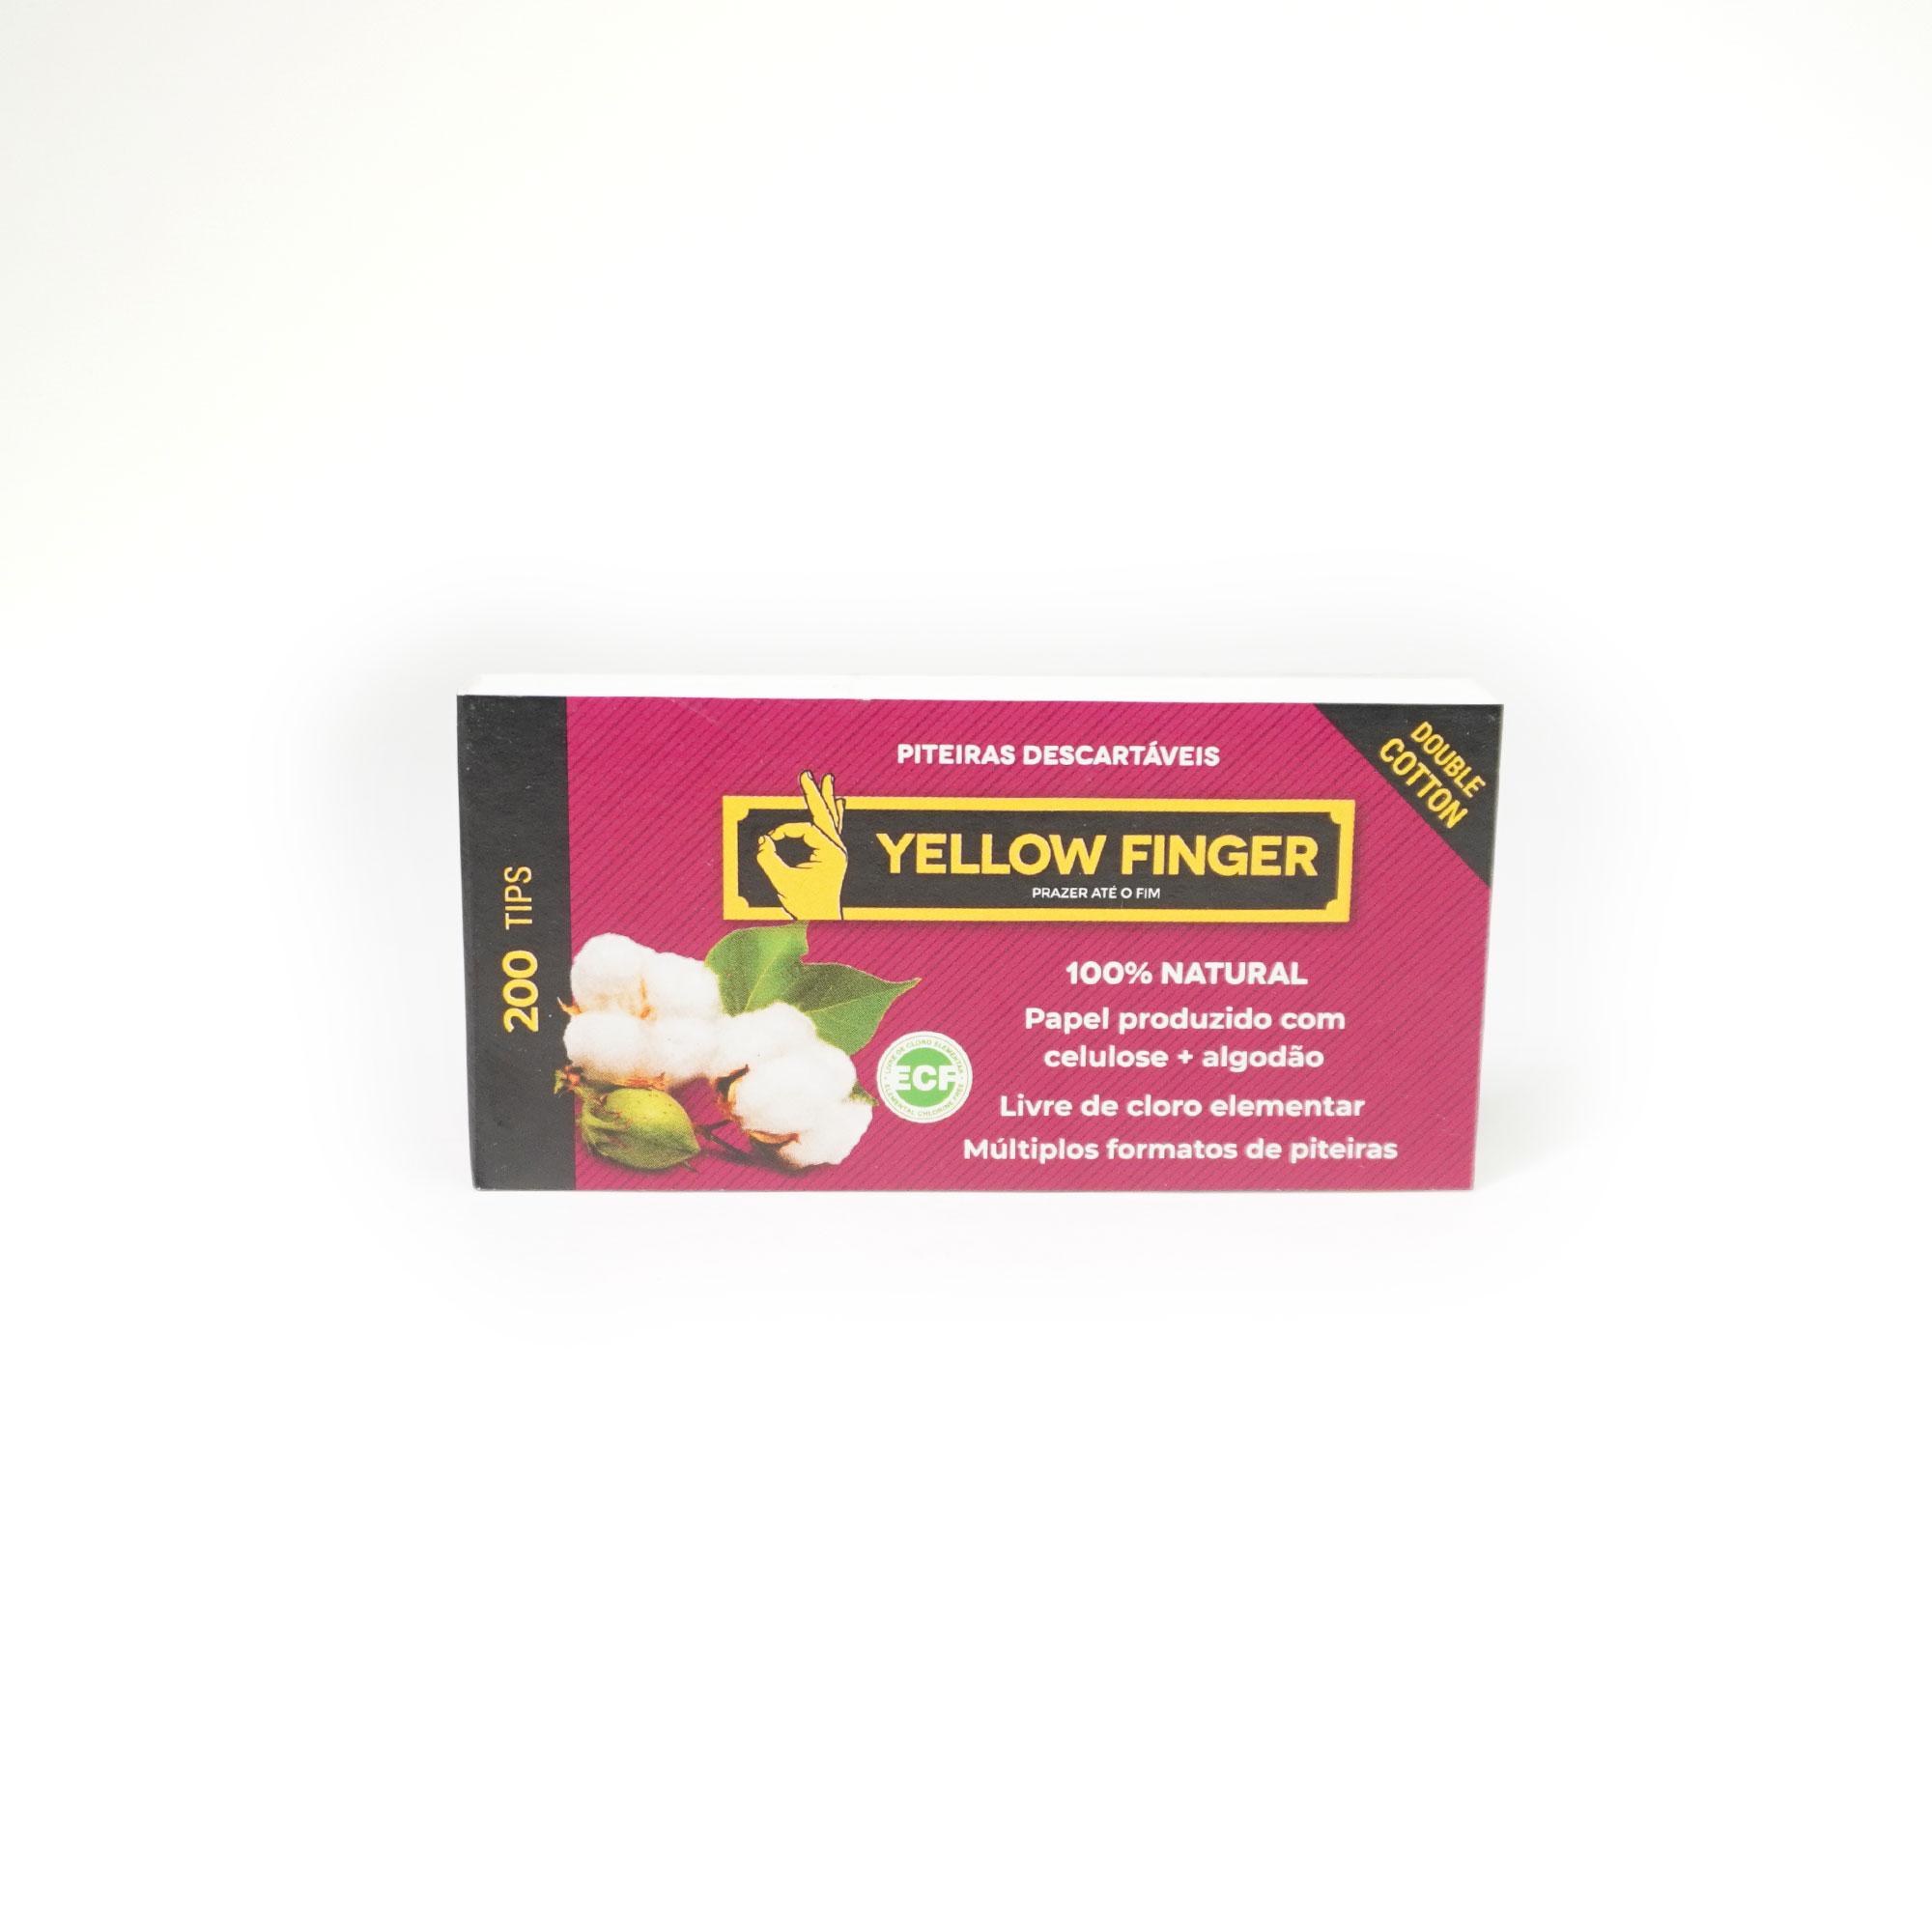 Piteira Yellow Finger - Double Cotton